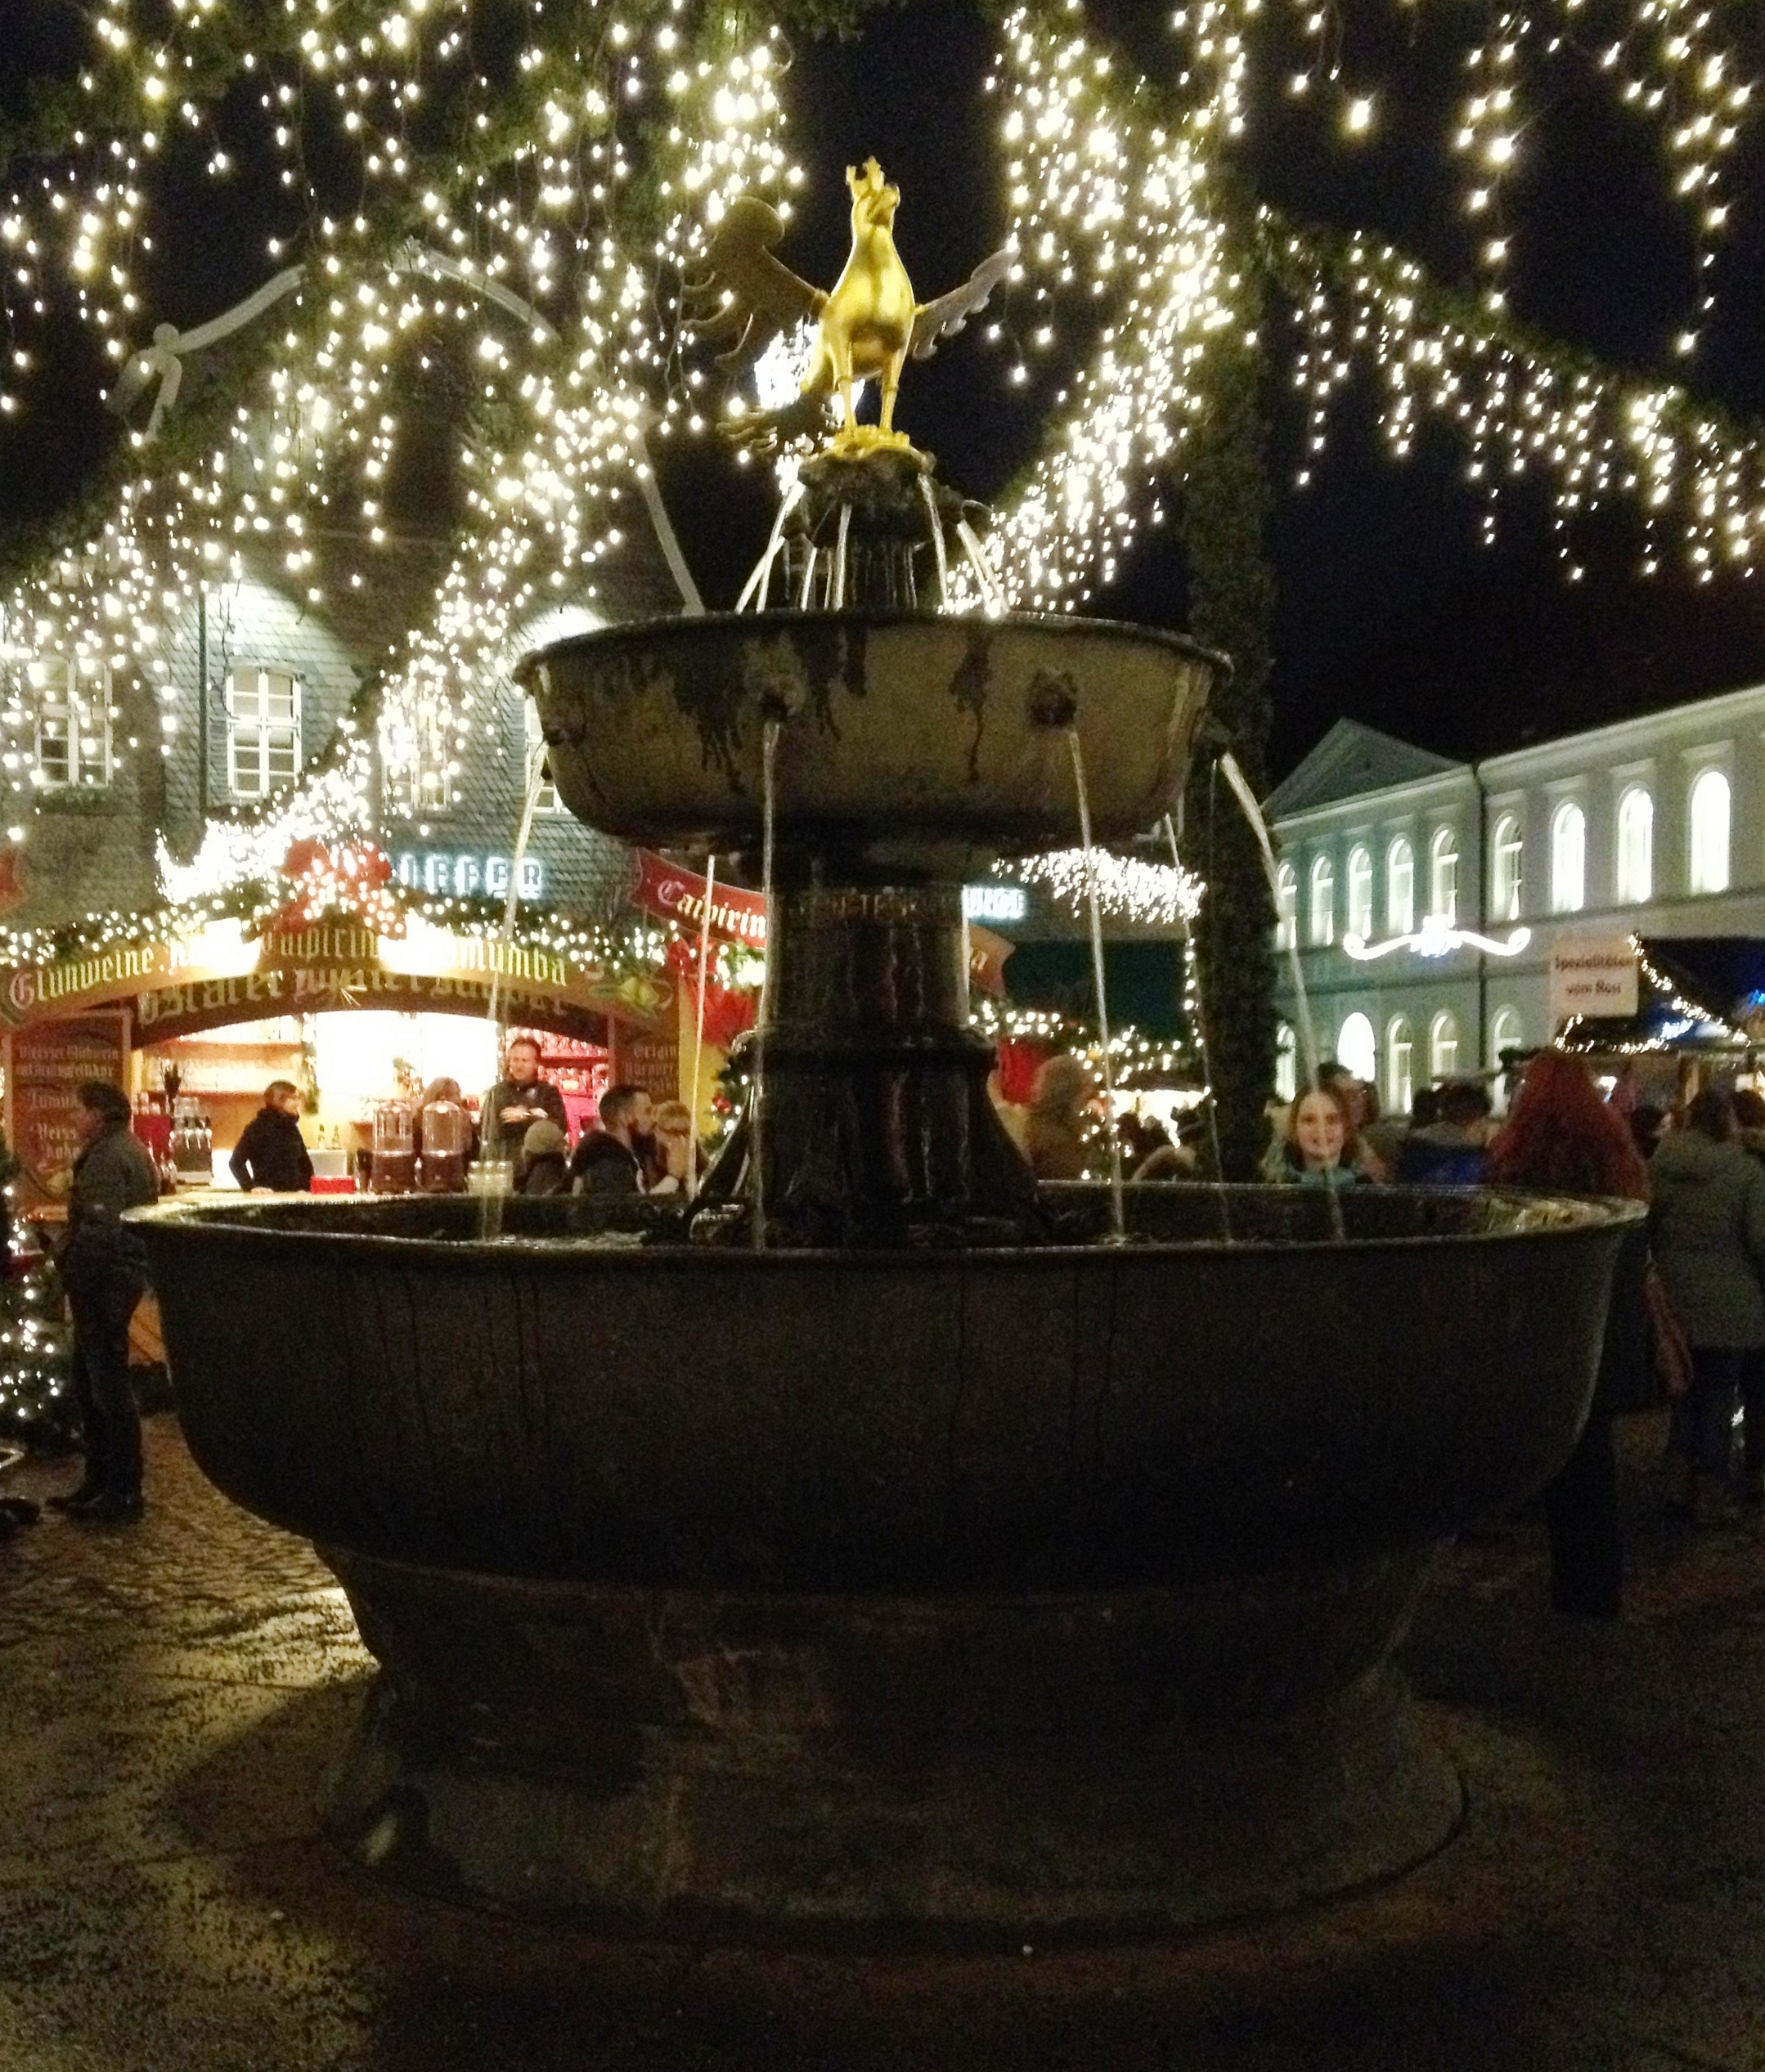 Goslar Weihnachtsmarkt.Datei Marktbrunnen Goslar Weihnachtsmarkt Jpg Wikipedia